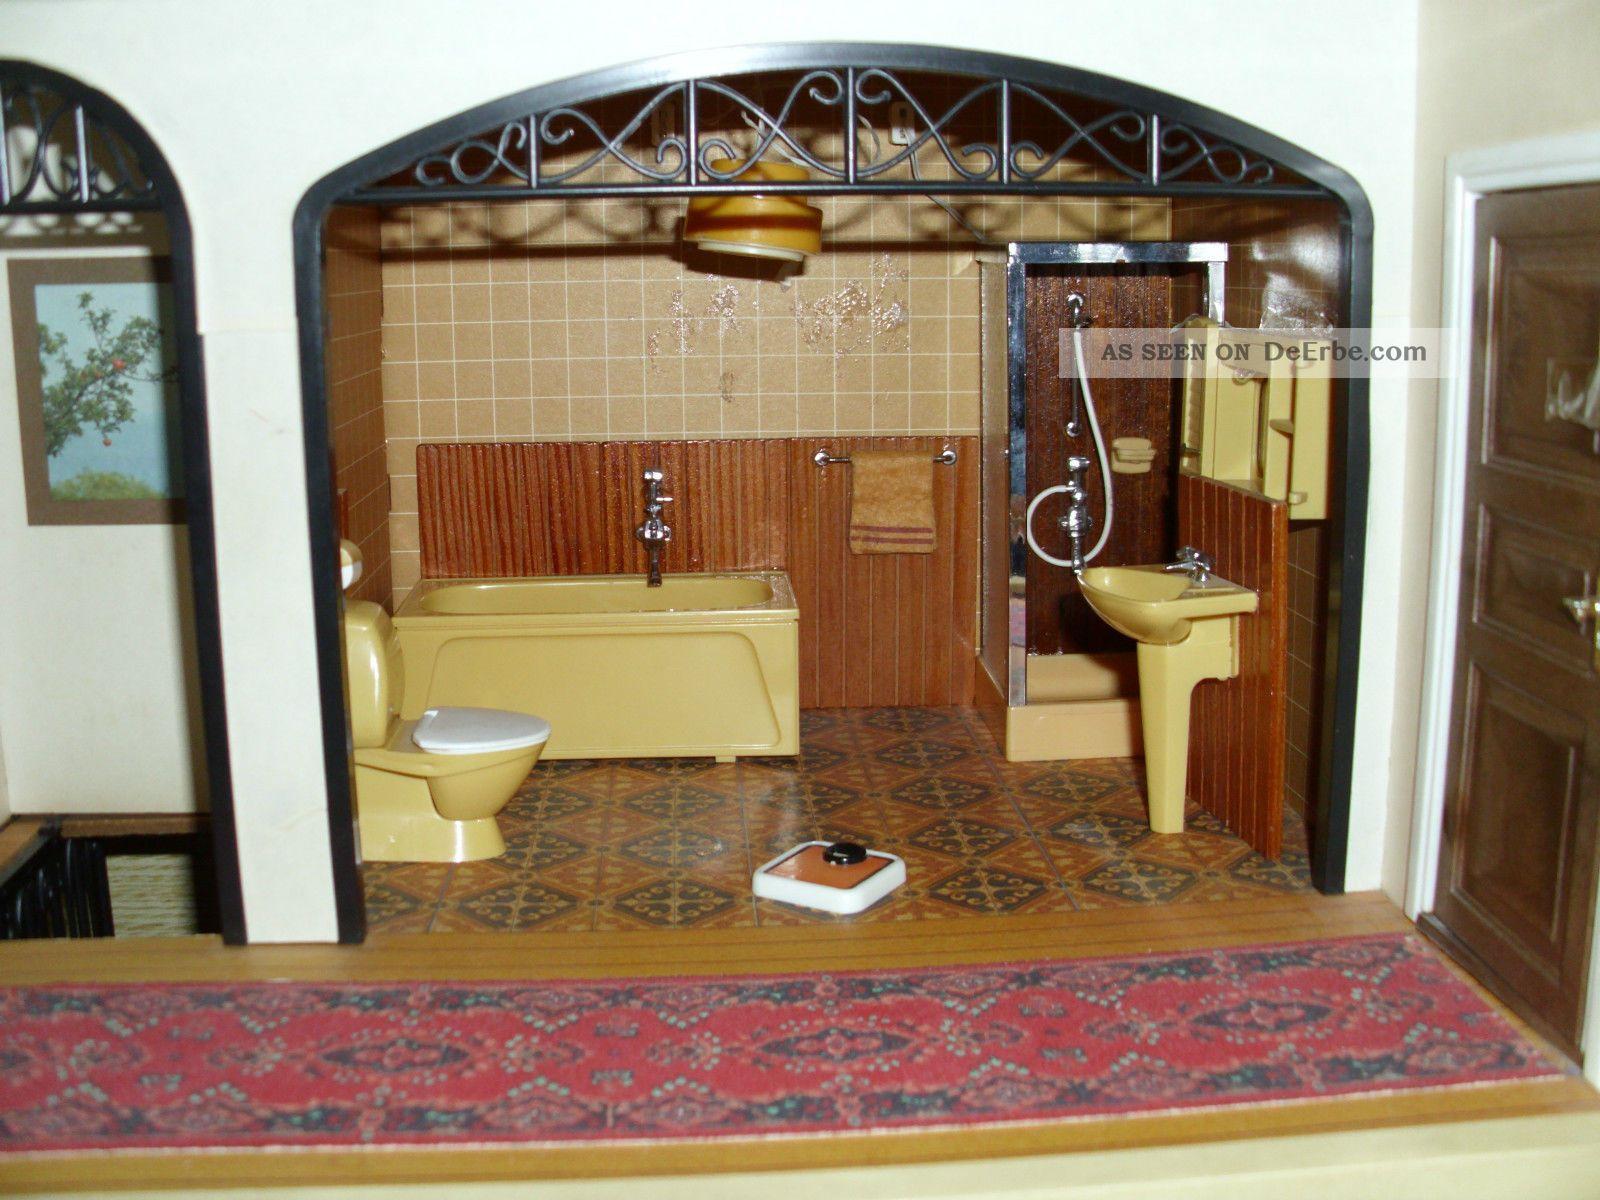 Lundby Smaland 1:18 Puppenhaus Badezimmer Möbel Bad und Dusche Set Puppenstuben & -häuser